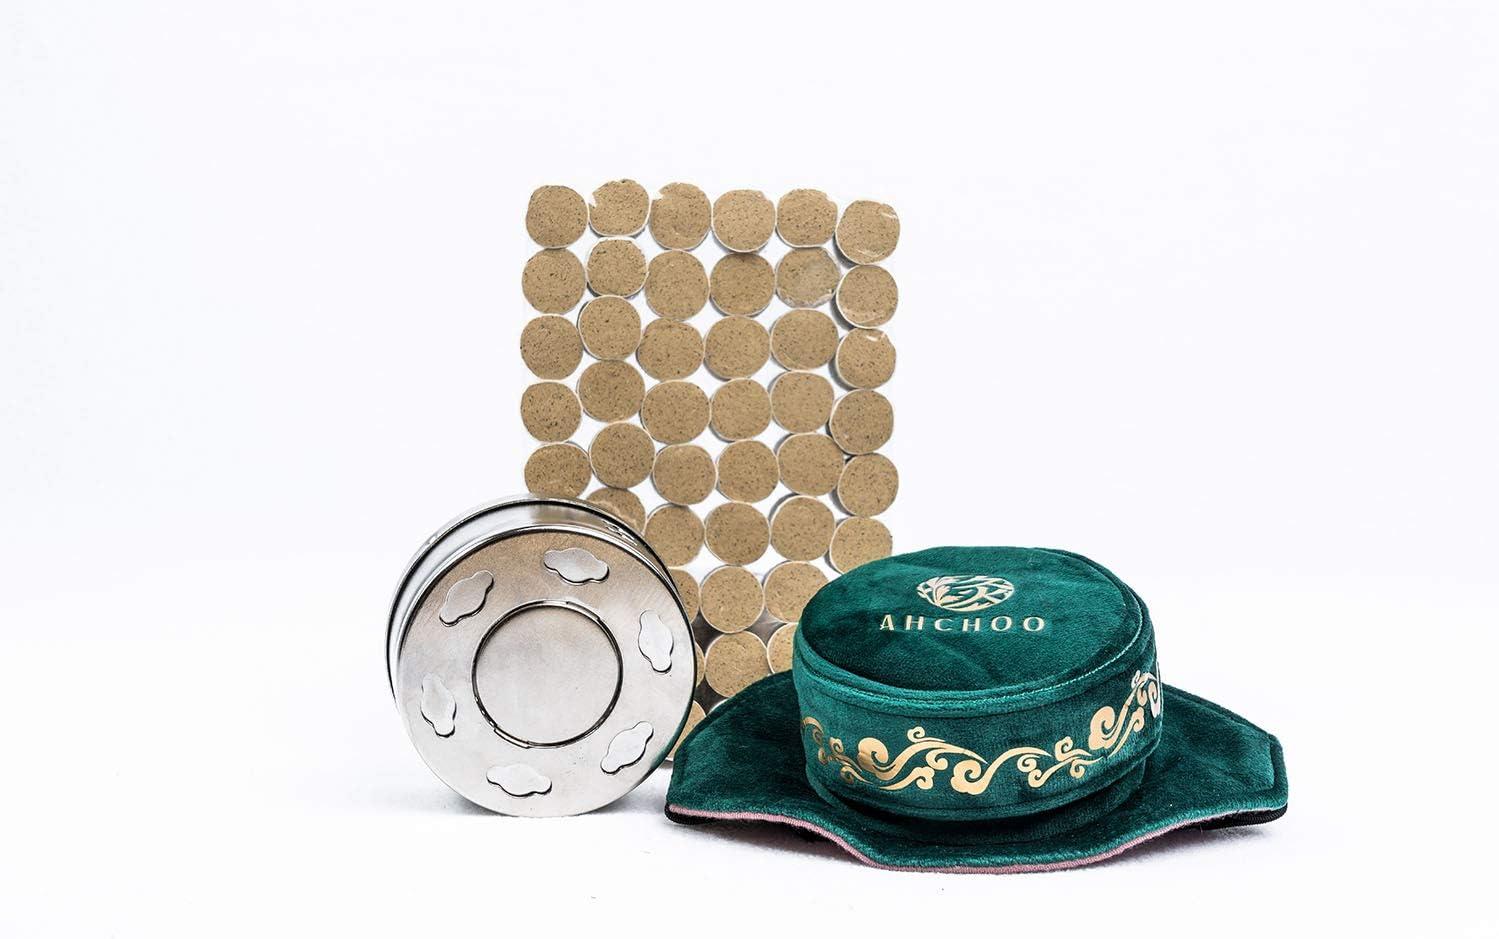 AHCHOO Mugwort Moxibustion Starter Pack — Waist Belt * 2 + 54 Moxa Sticks + 2 Moxa Boxes (5 Items) (Green)